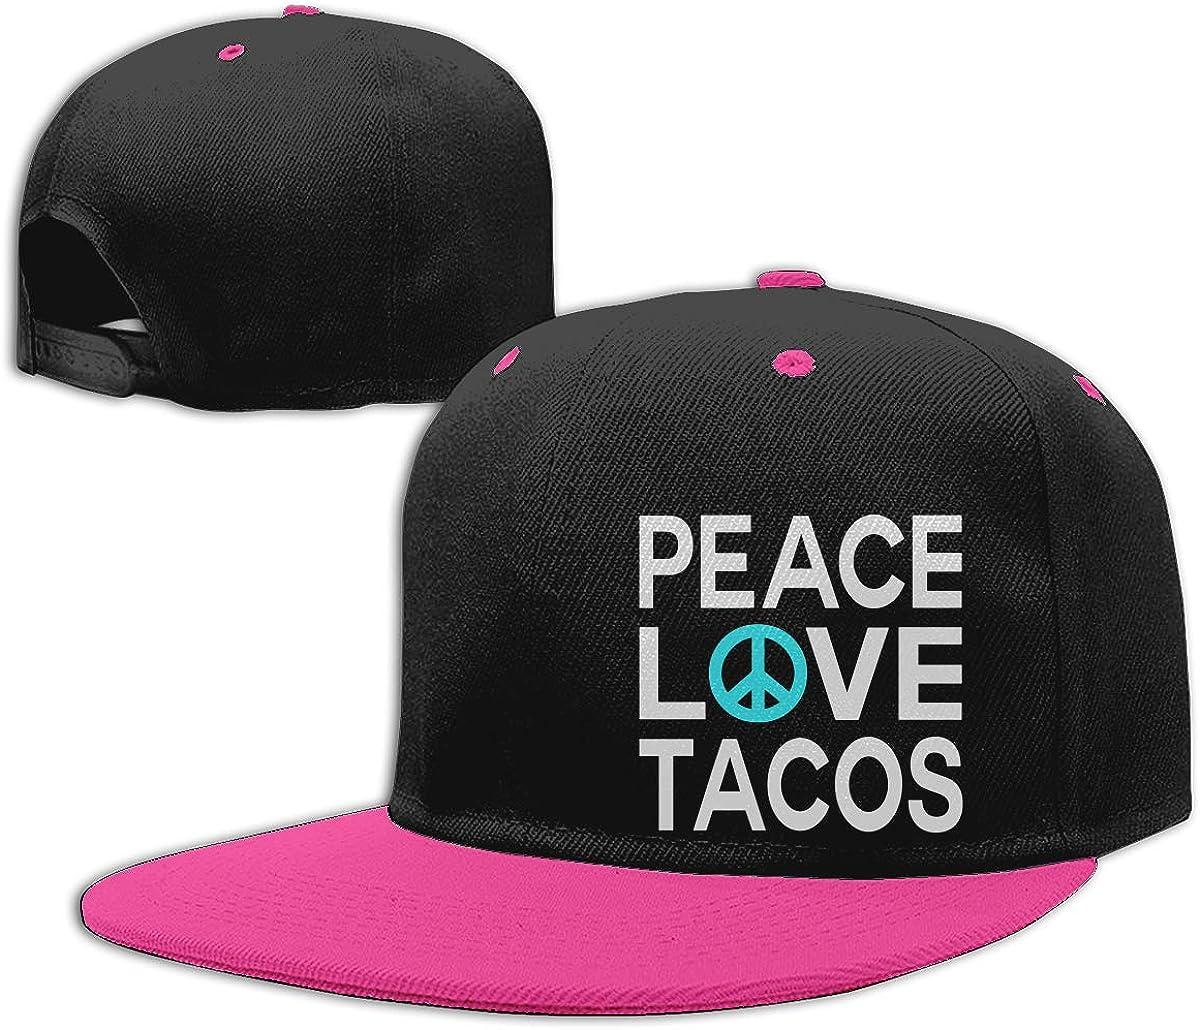 Men Womens Punk Rock Cap Peace Love Tacos Fashion Flat Bill Baseball Caps